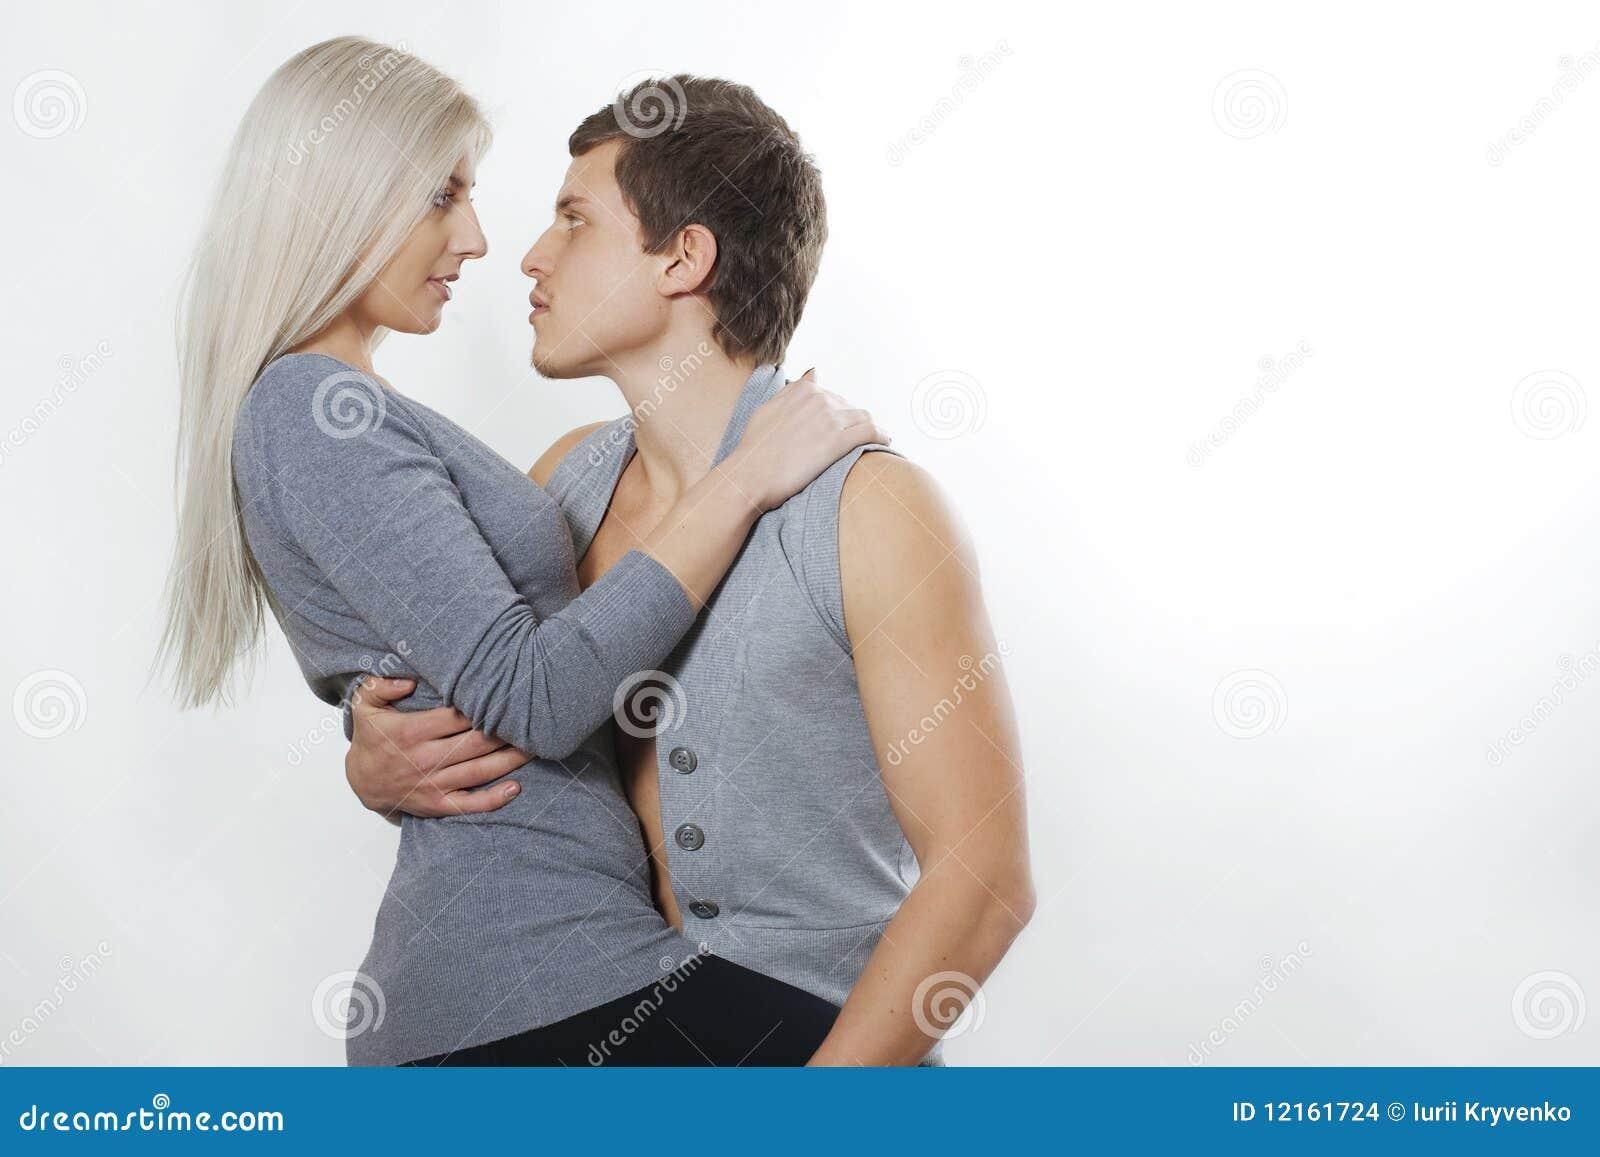 smotret-video-seks-gollandskie-krasavitsi-kak-zhena-iz-menya-transvestita